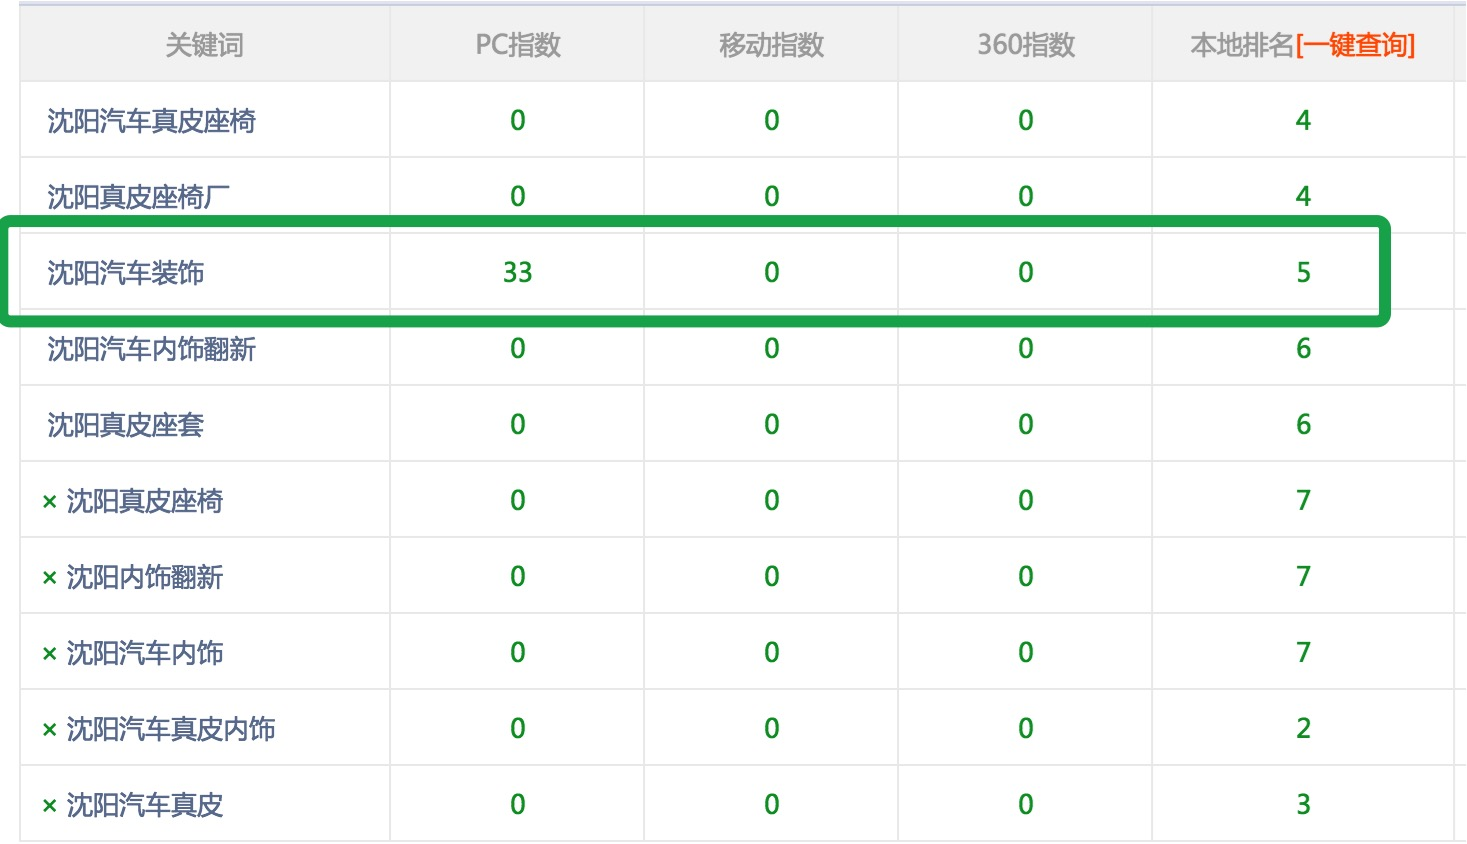 沈阳汽车装饰真皮座椅厂使用富海seo软件排名效果很好